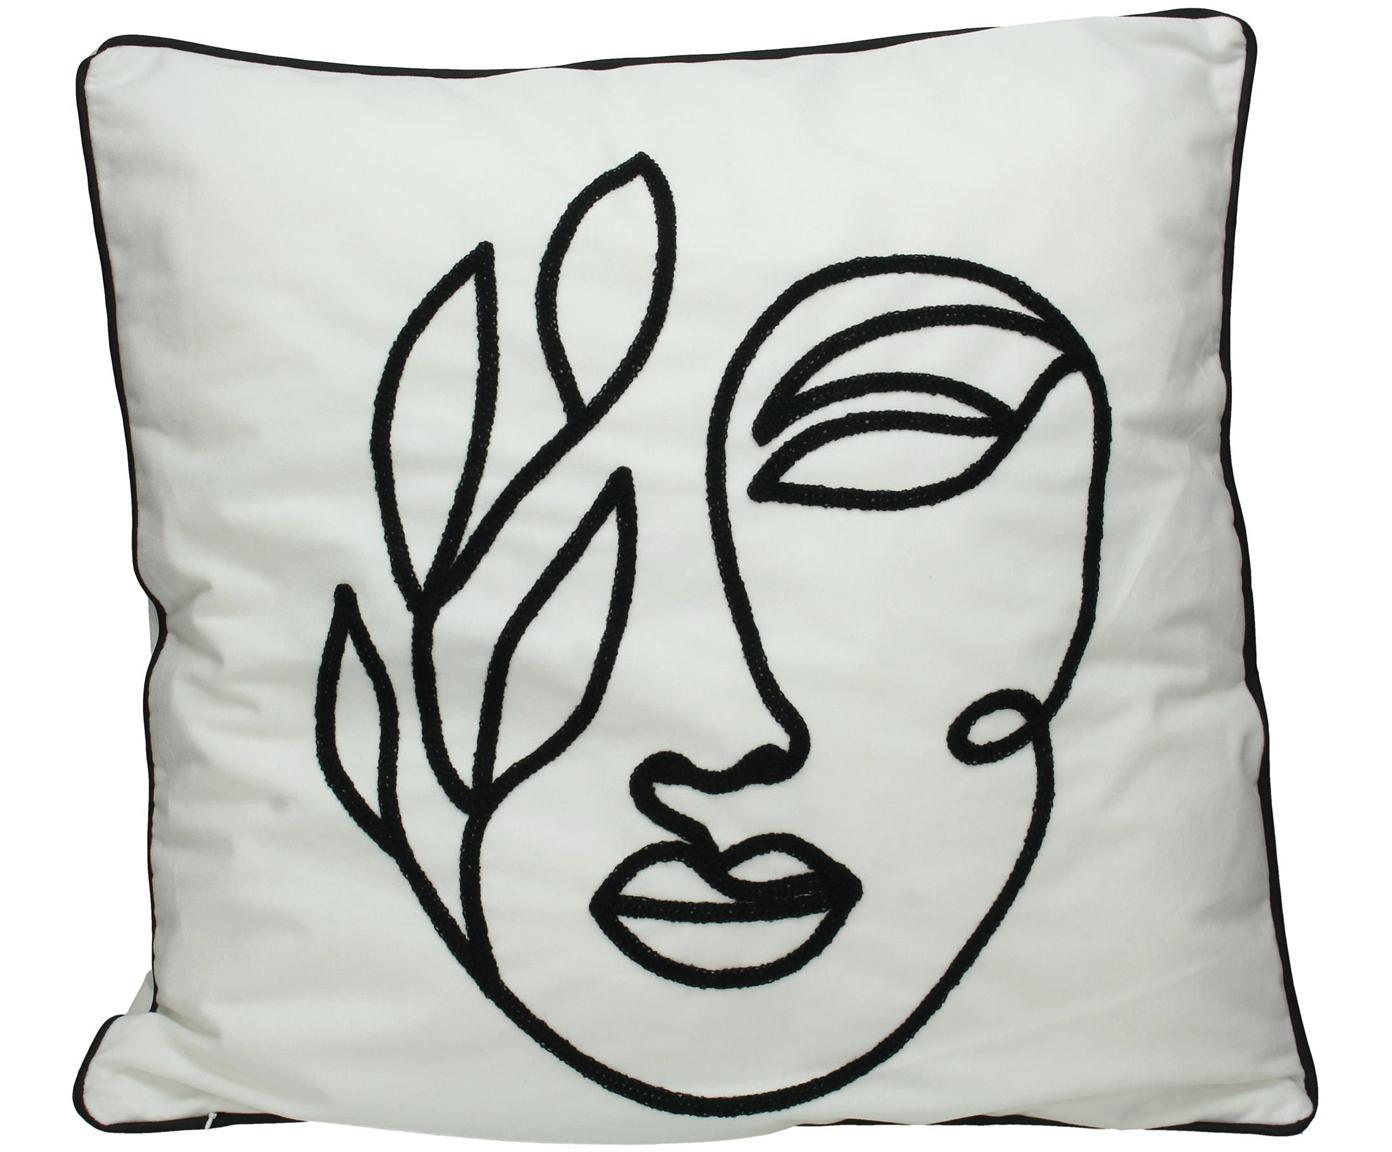 Samt-Kissen Face mit abstrakter One Line Zeichnung, mit Inlett, Polyestersamt, Weiß, Schwarz, 50 x 50 cm